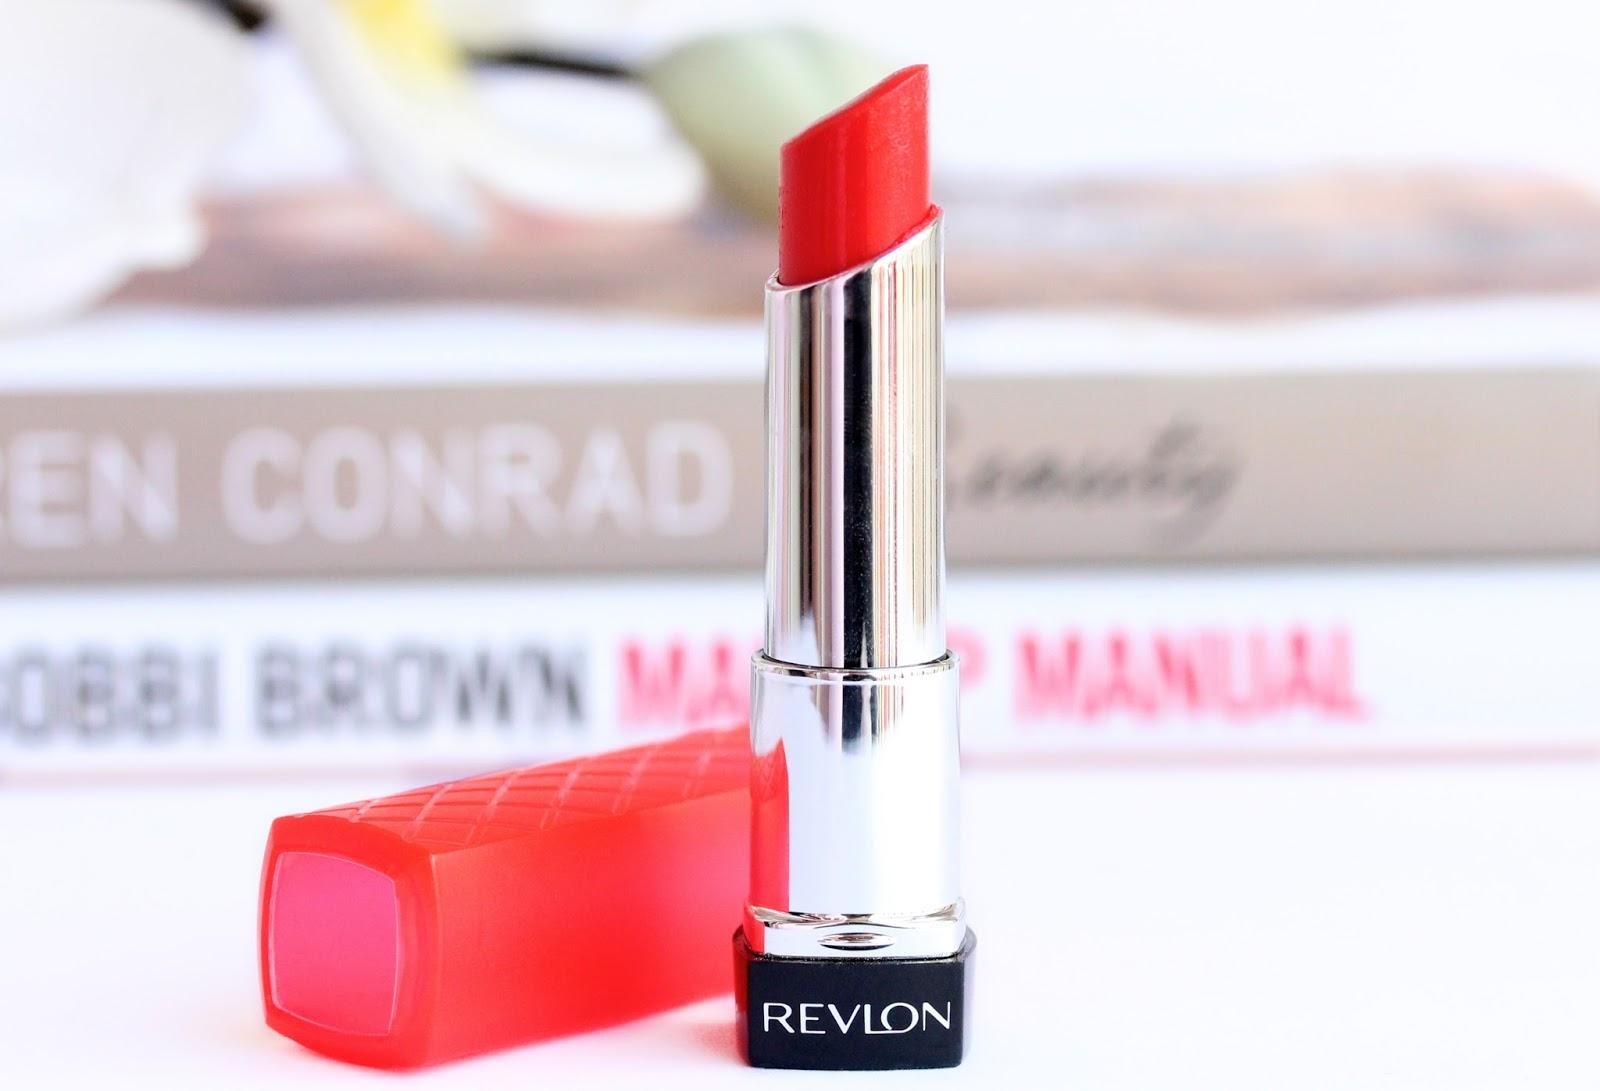 Revlon Lip Butter in Wild Watermelon